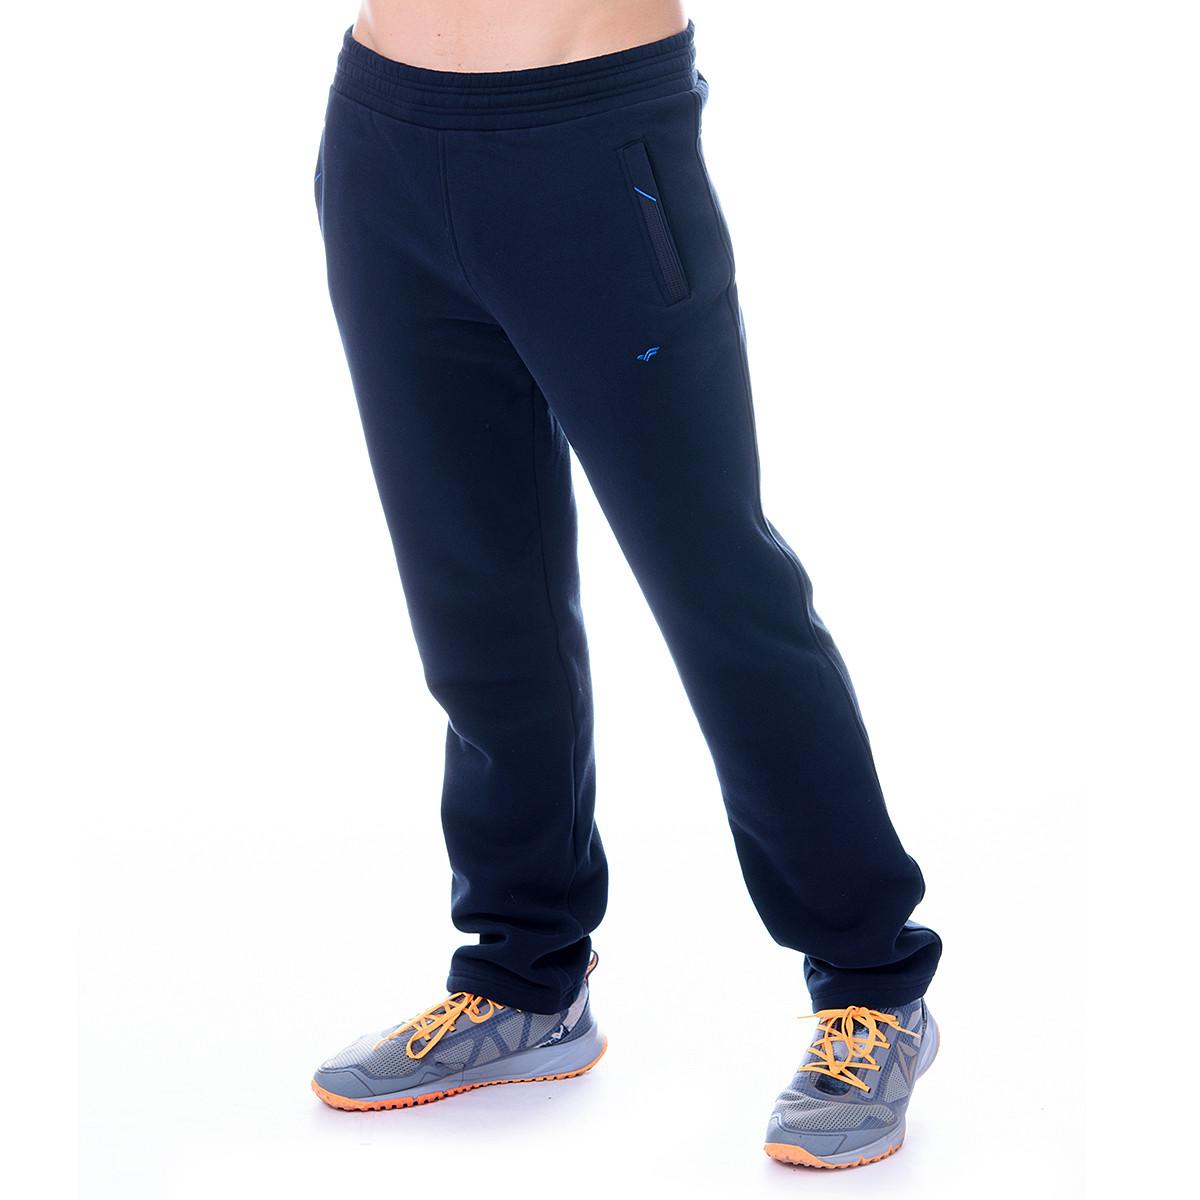 Теплые теплые штаны на мужчин с начесом тм. FORE 1087